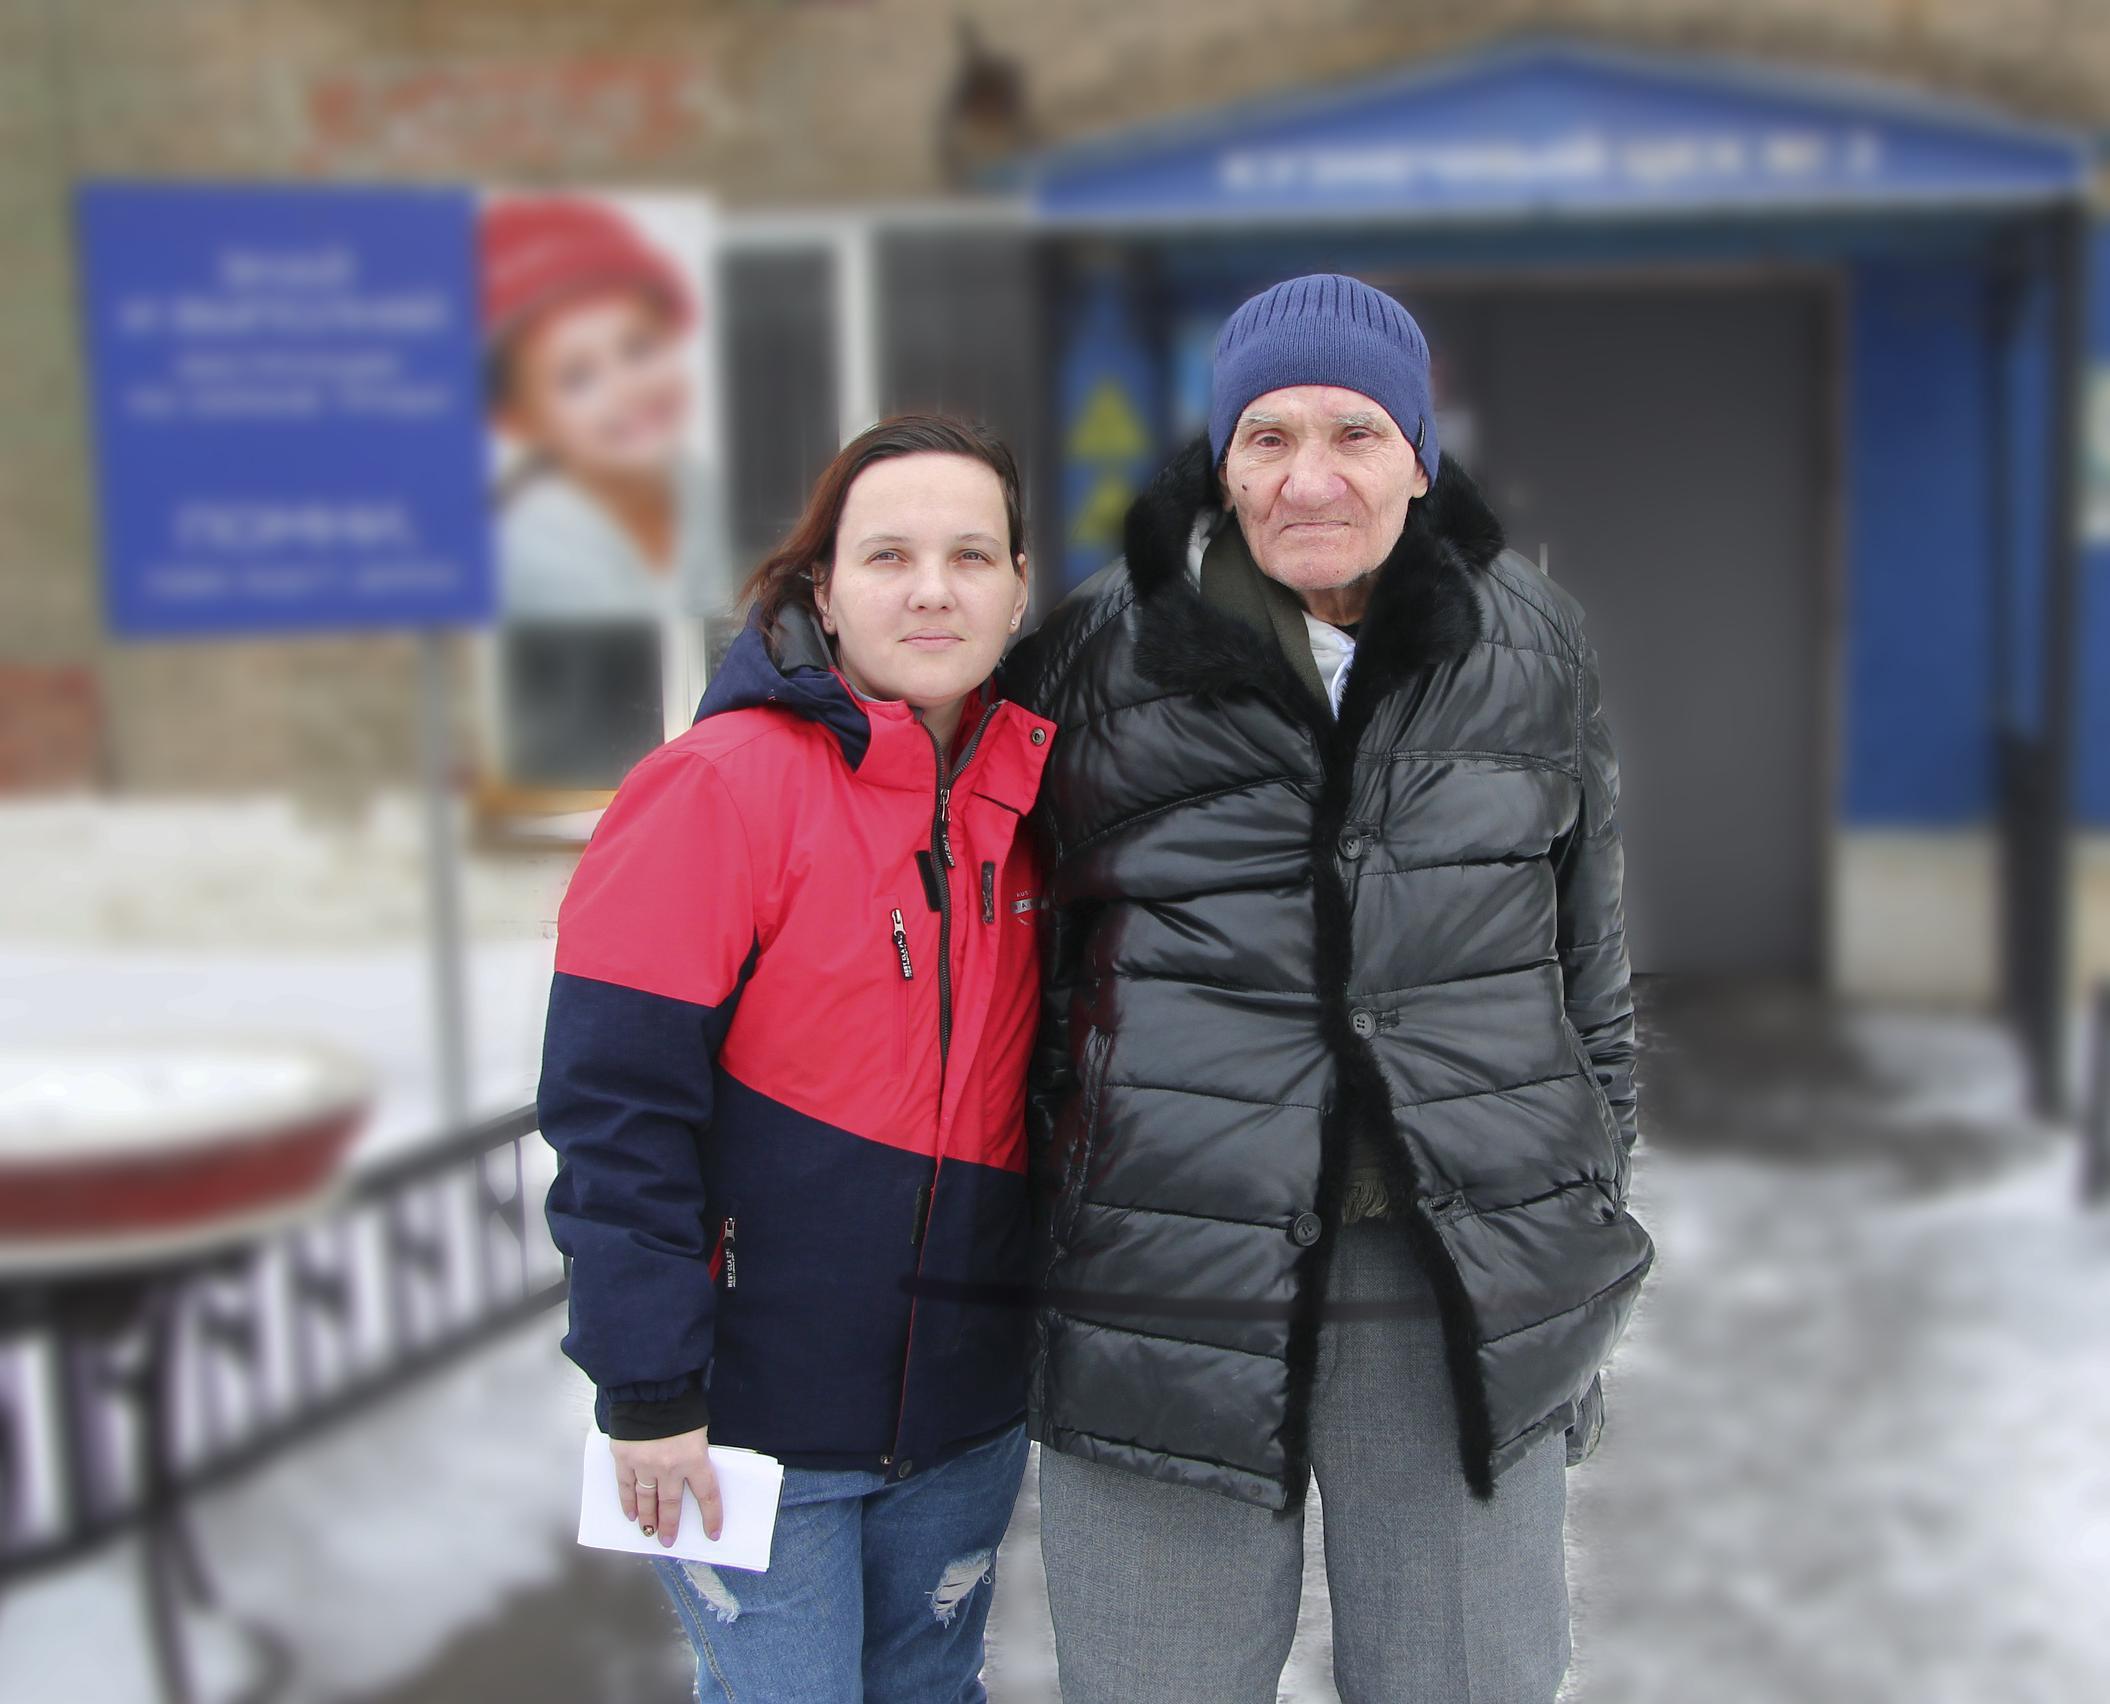 Гордость России: Валентина Гулицина из Челябинска приютила бездомного и оставила его в семье в качестве родного дедушки